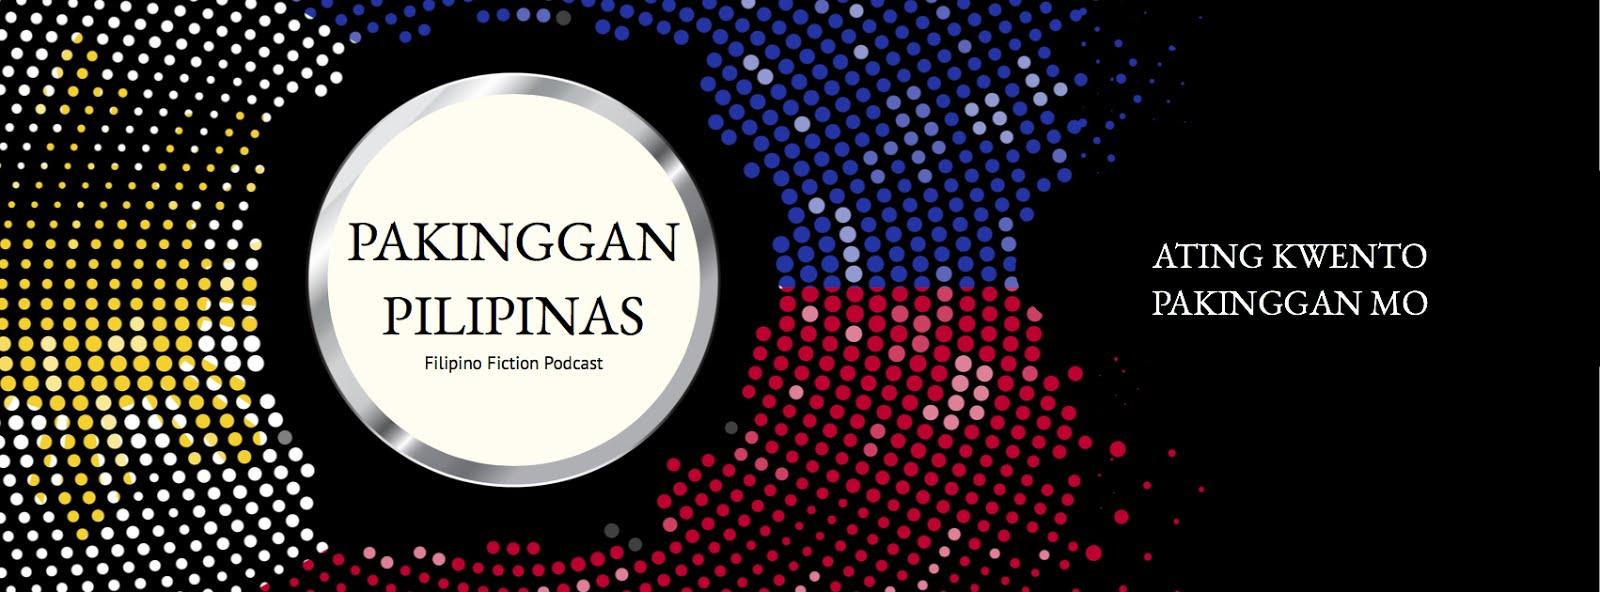 Pakinggan Pilipinas